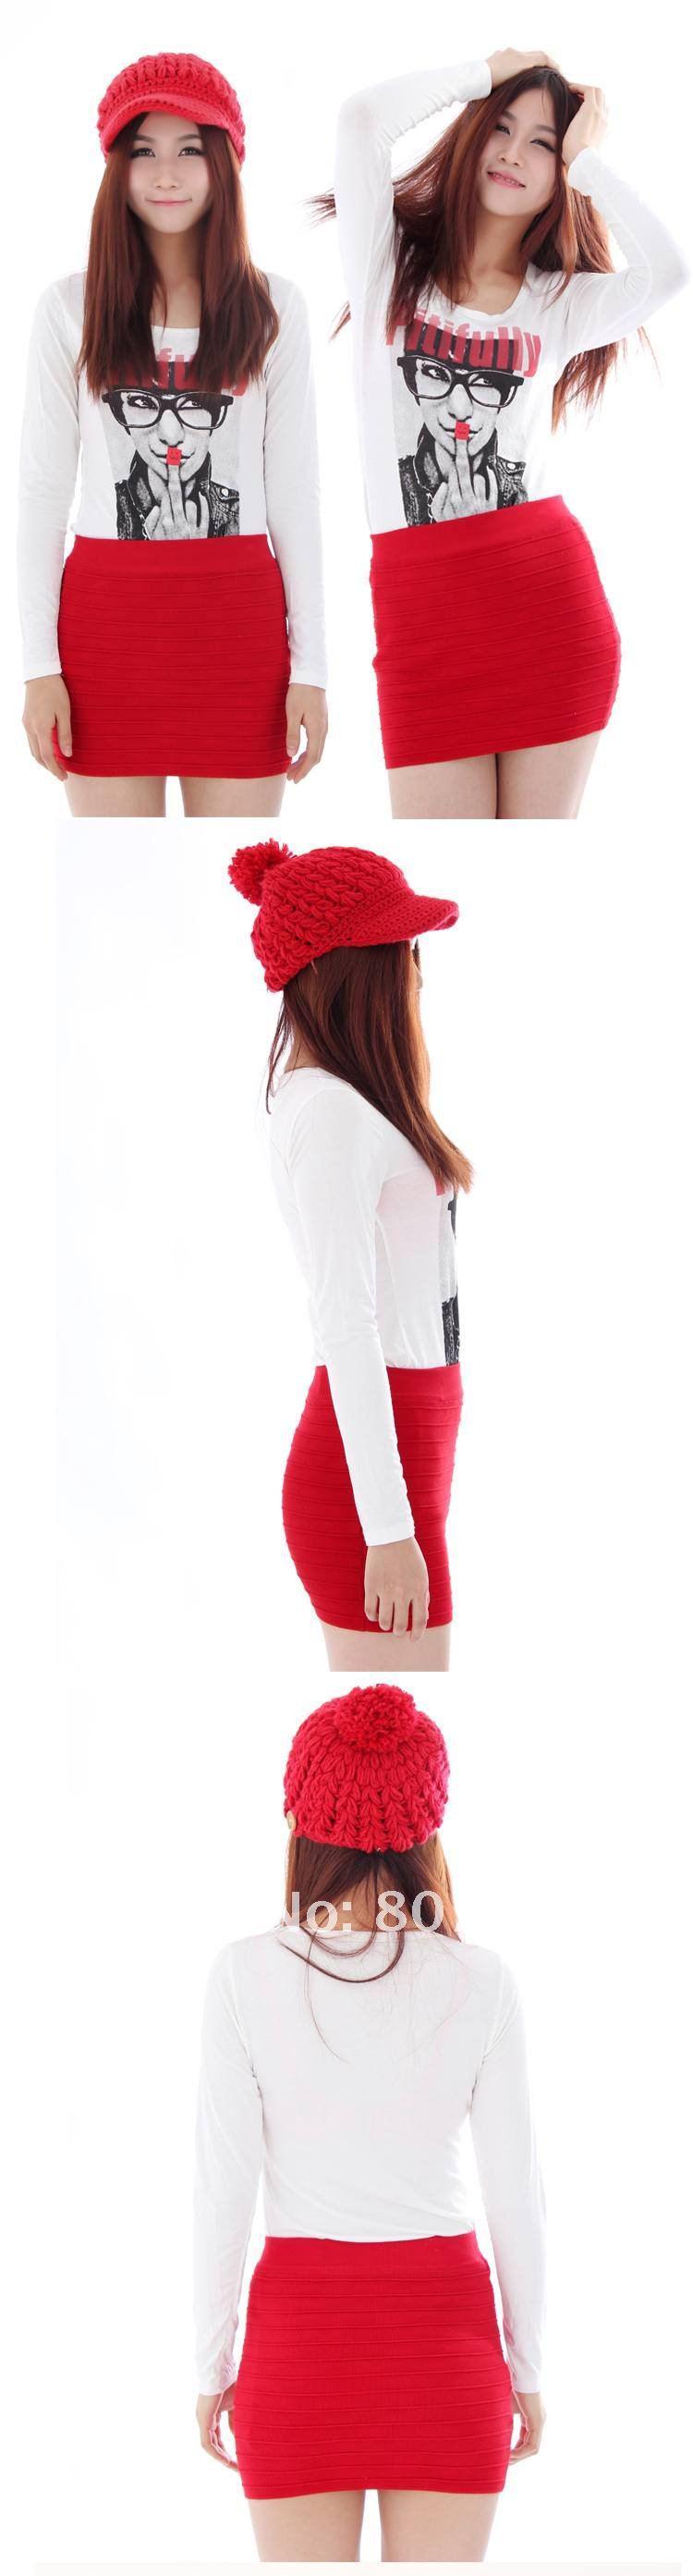 Skirts Wholesaler Edress Sells Women Red/Orange/Green Mini Skirt ...